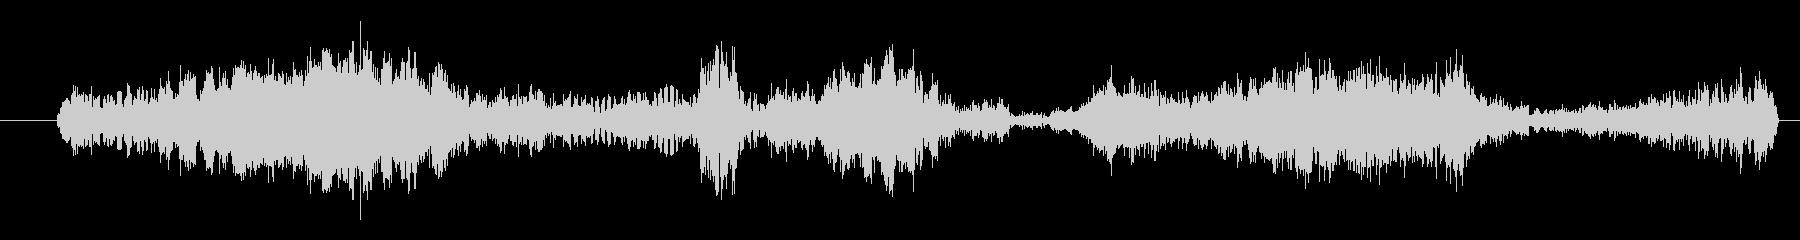 イメージ クレイジートーク04の未再生の波形